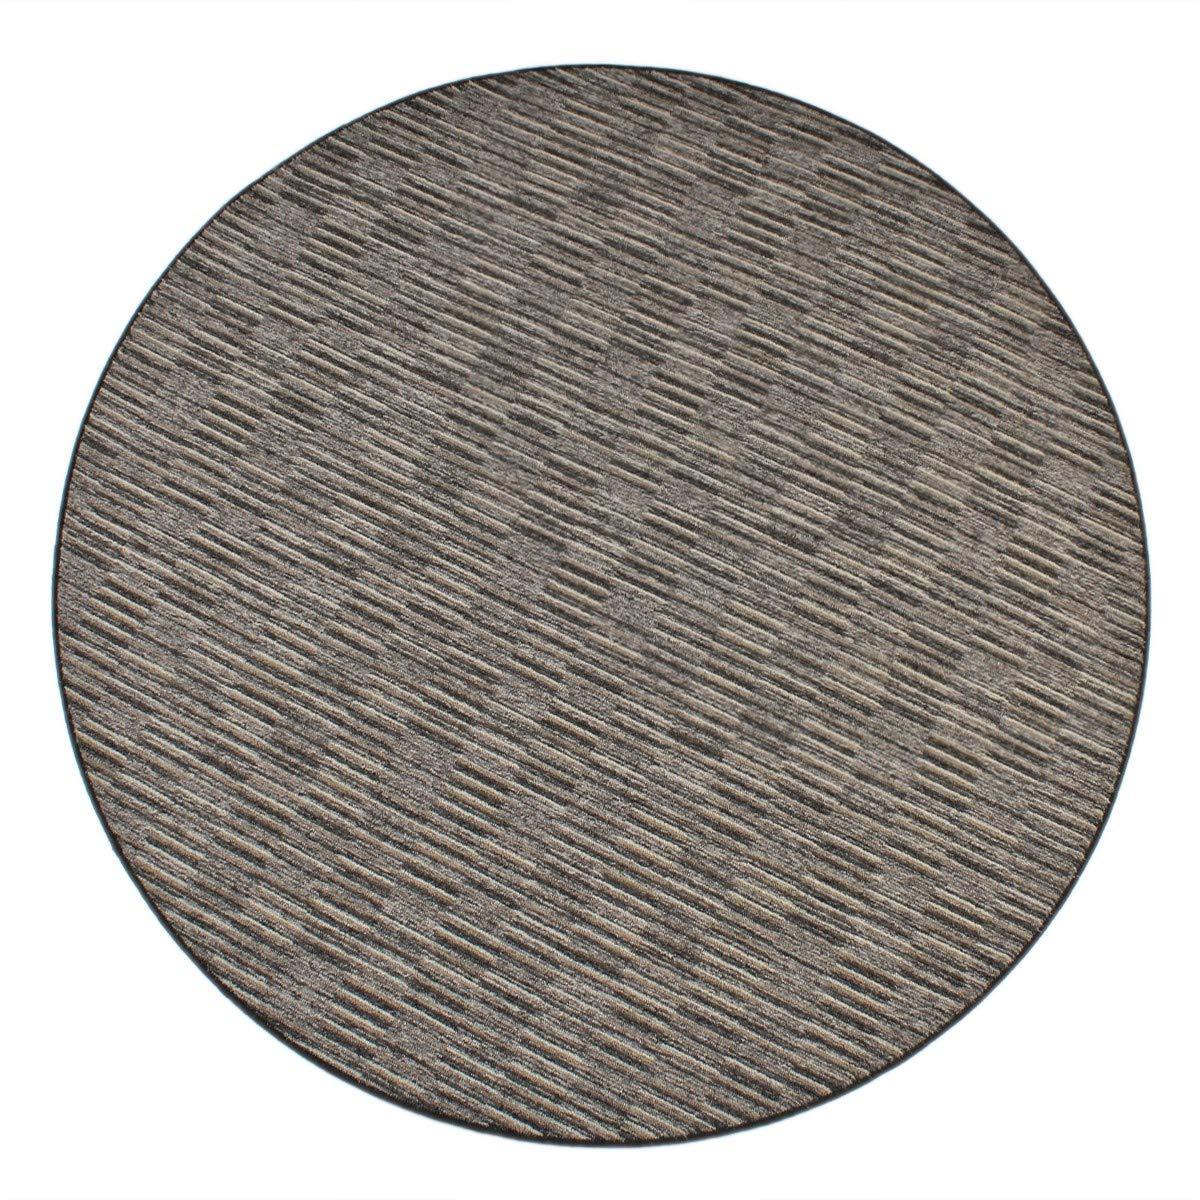 Havatex Schlingen Teppich Torro rund - Farbe wählbar   Geprüfte Qualität  die Teppiche sind schadstoffgeprüft robust und pflegeleicht   für Wohnzimmer Schlafzimmer, Farbe Grau, Größe 100 cm rund B0776RPM2W Teppiche & Lu